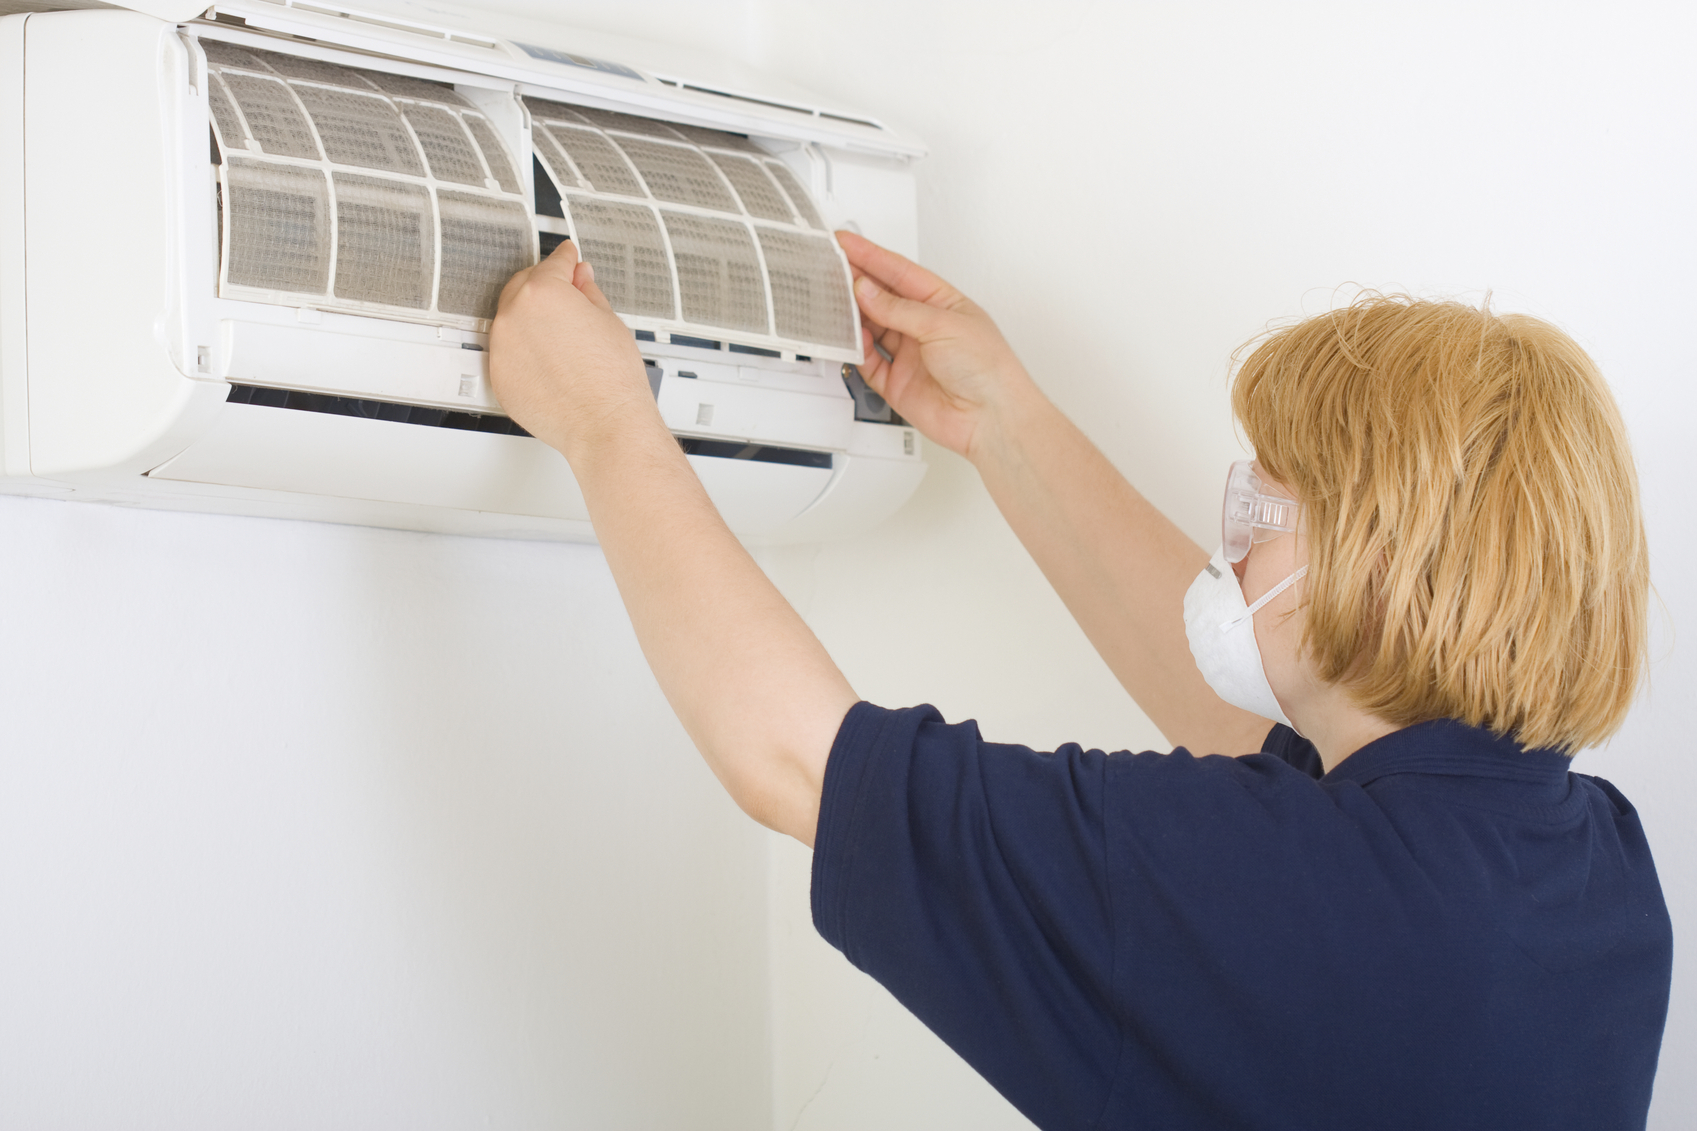 Limpieza de los filtros del aire acondicionado